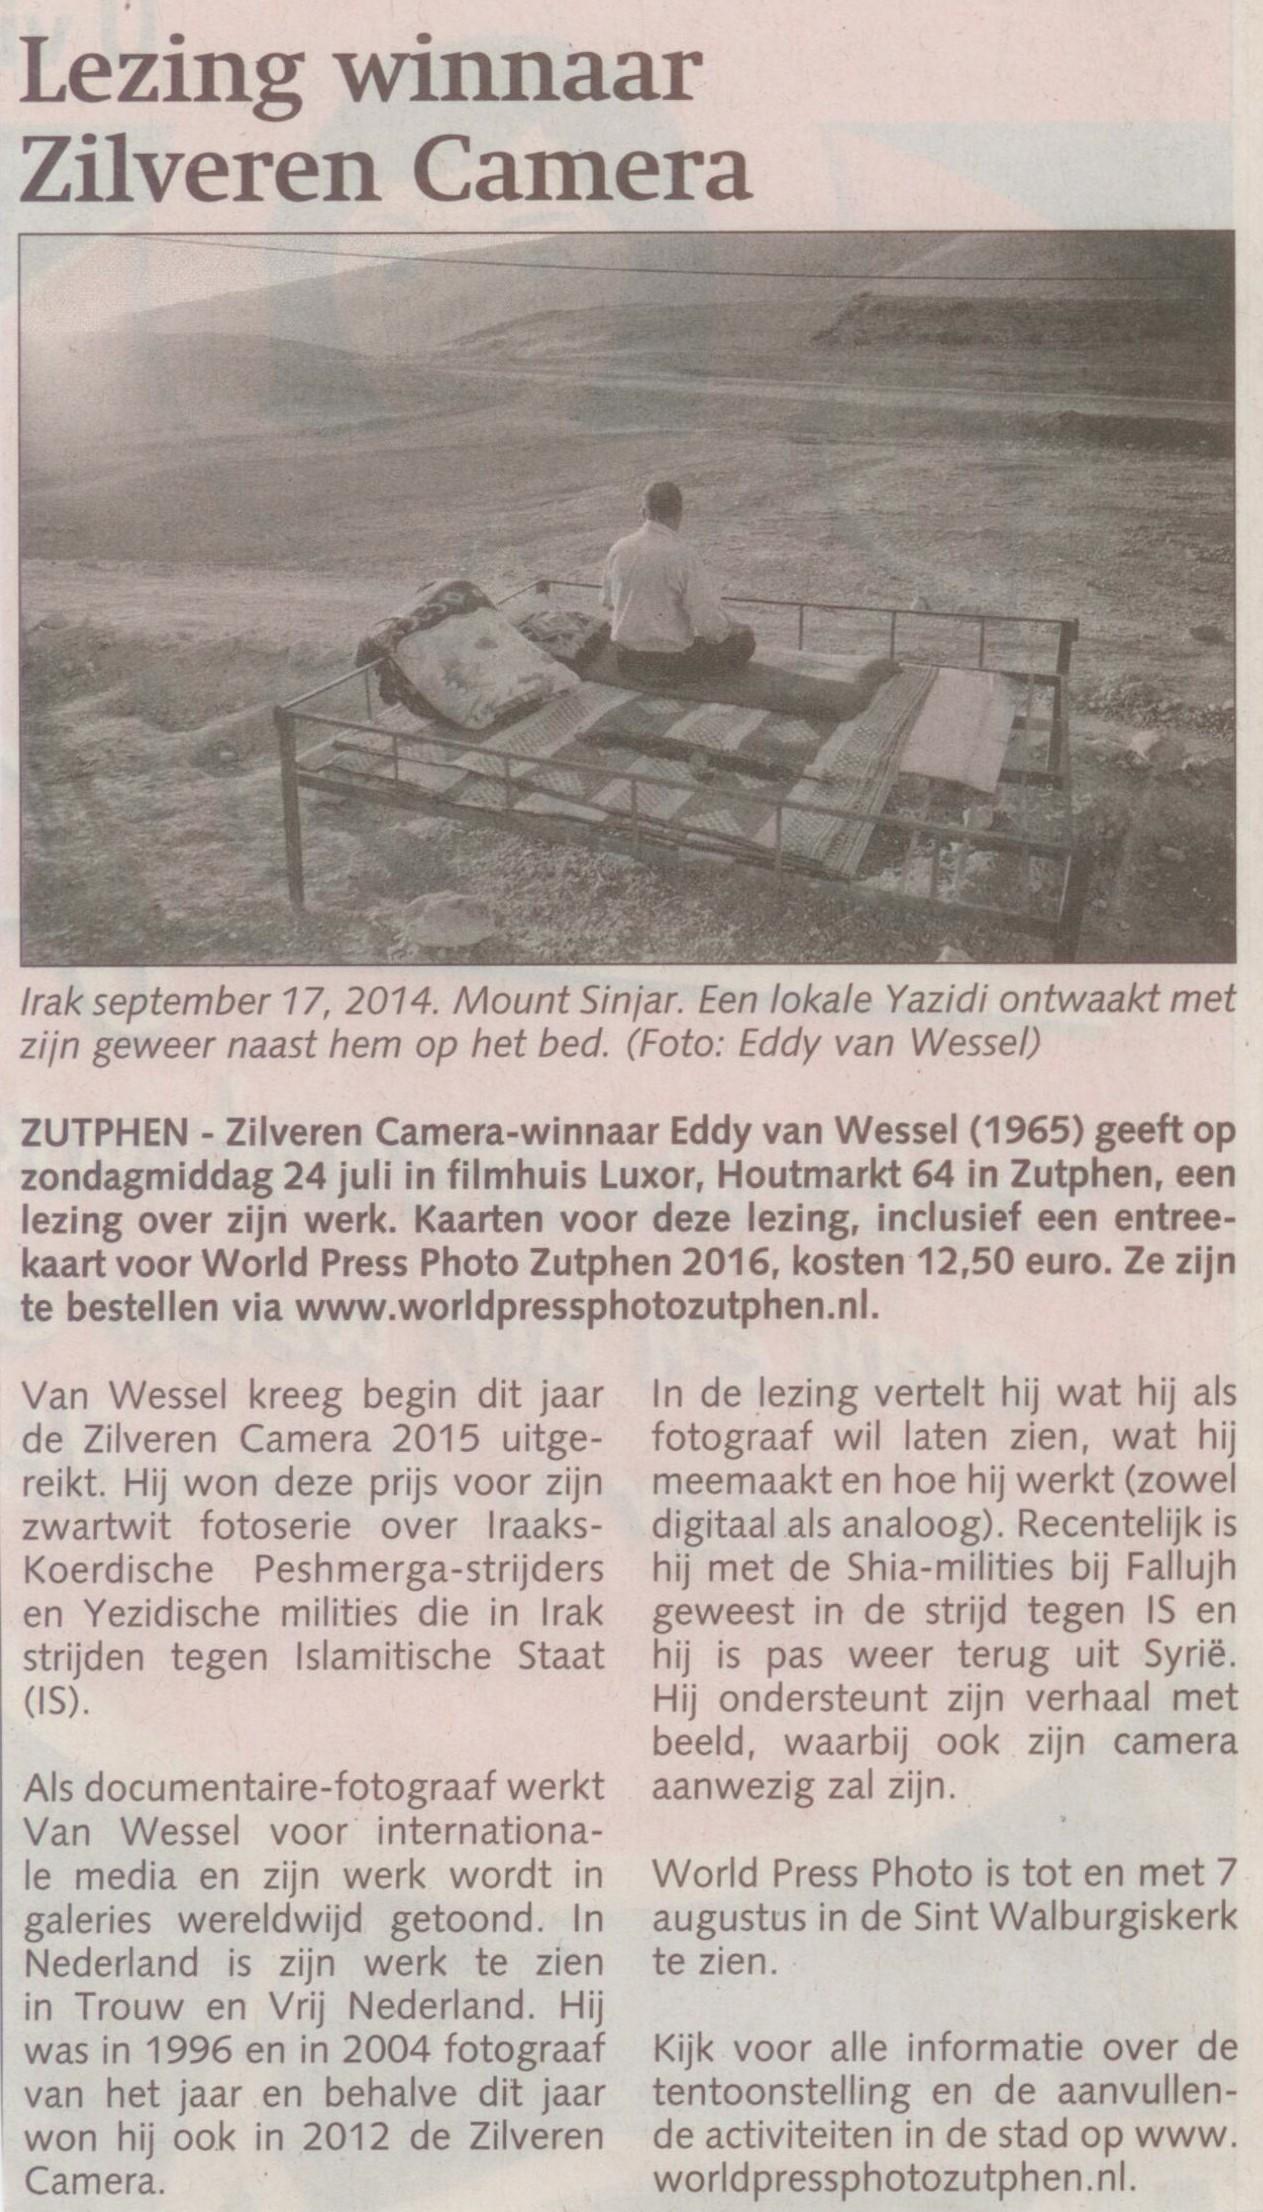 160720 Stedendriehoek Lezing winnaar Zilveren Camera